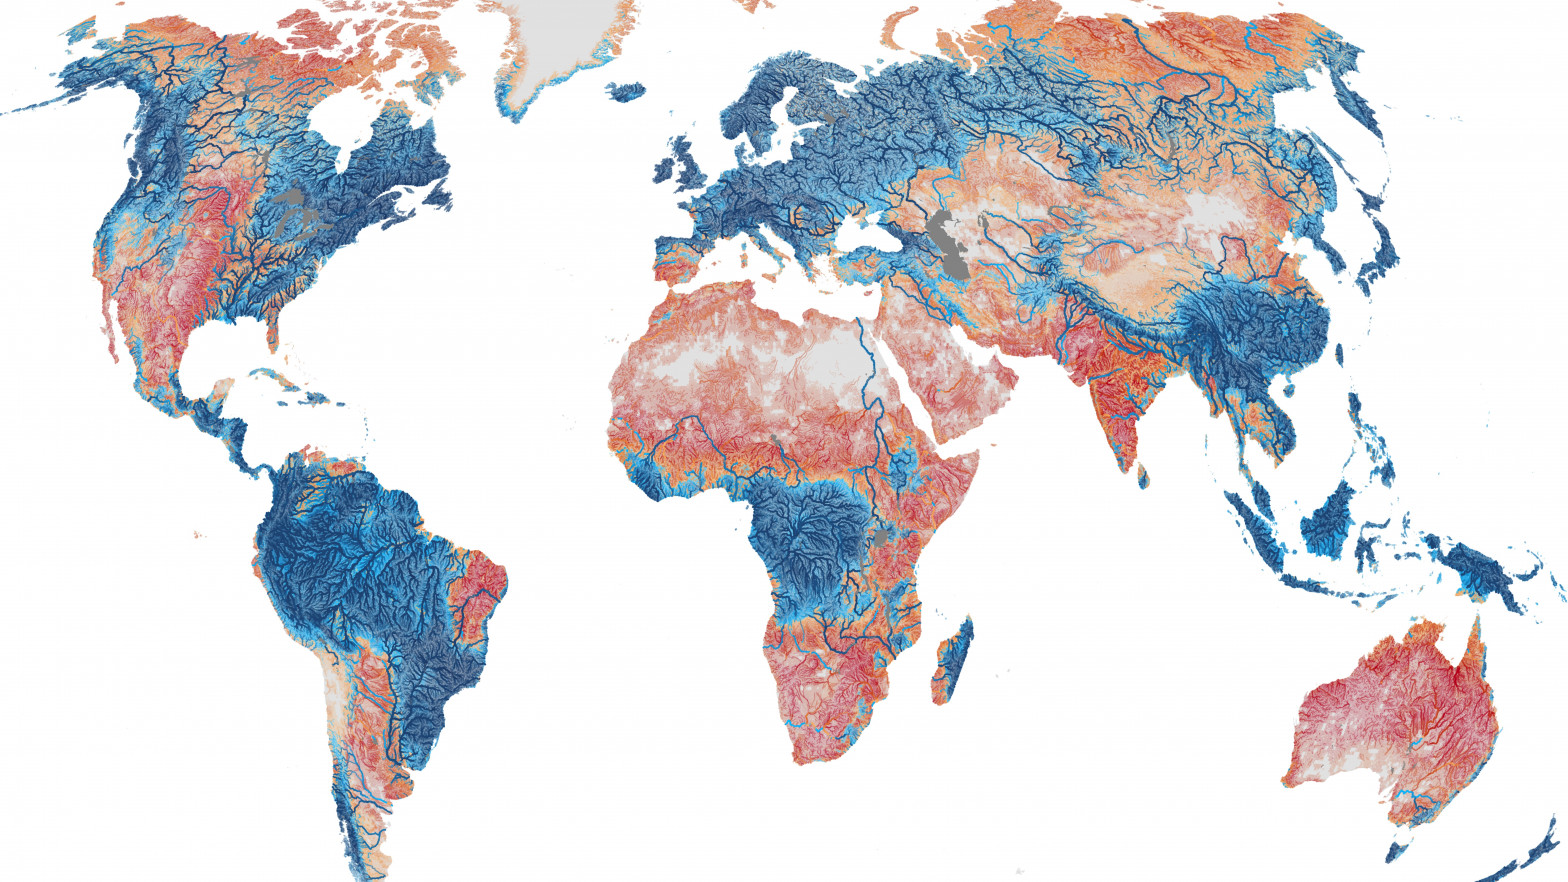 Mapa global con los ríos intermitentes